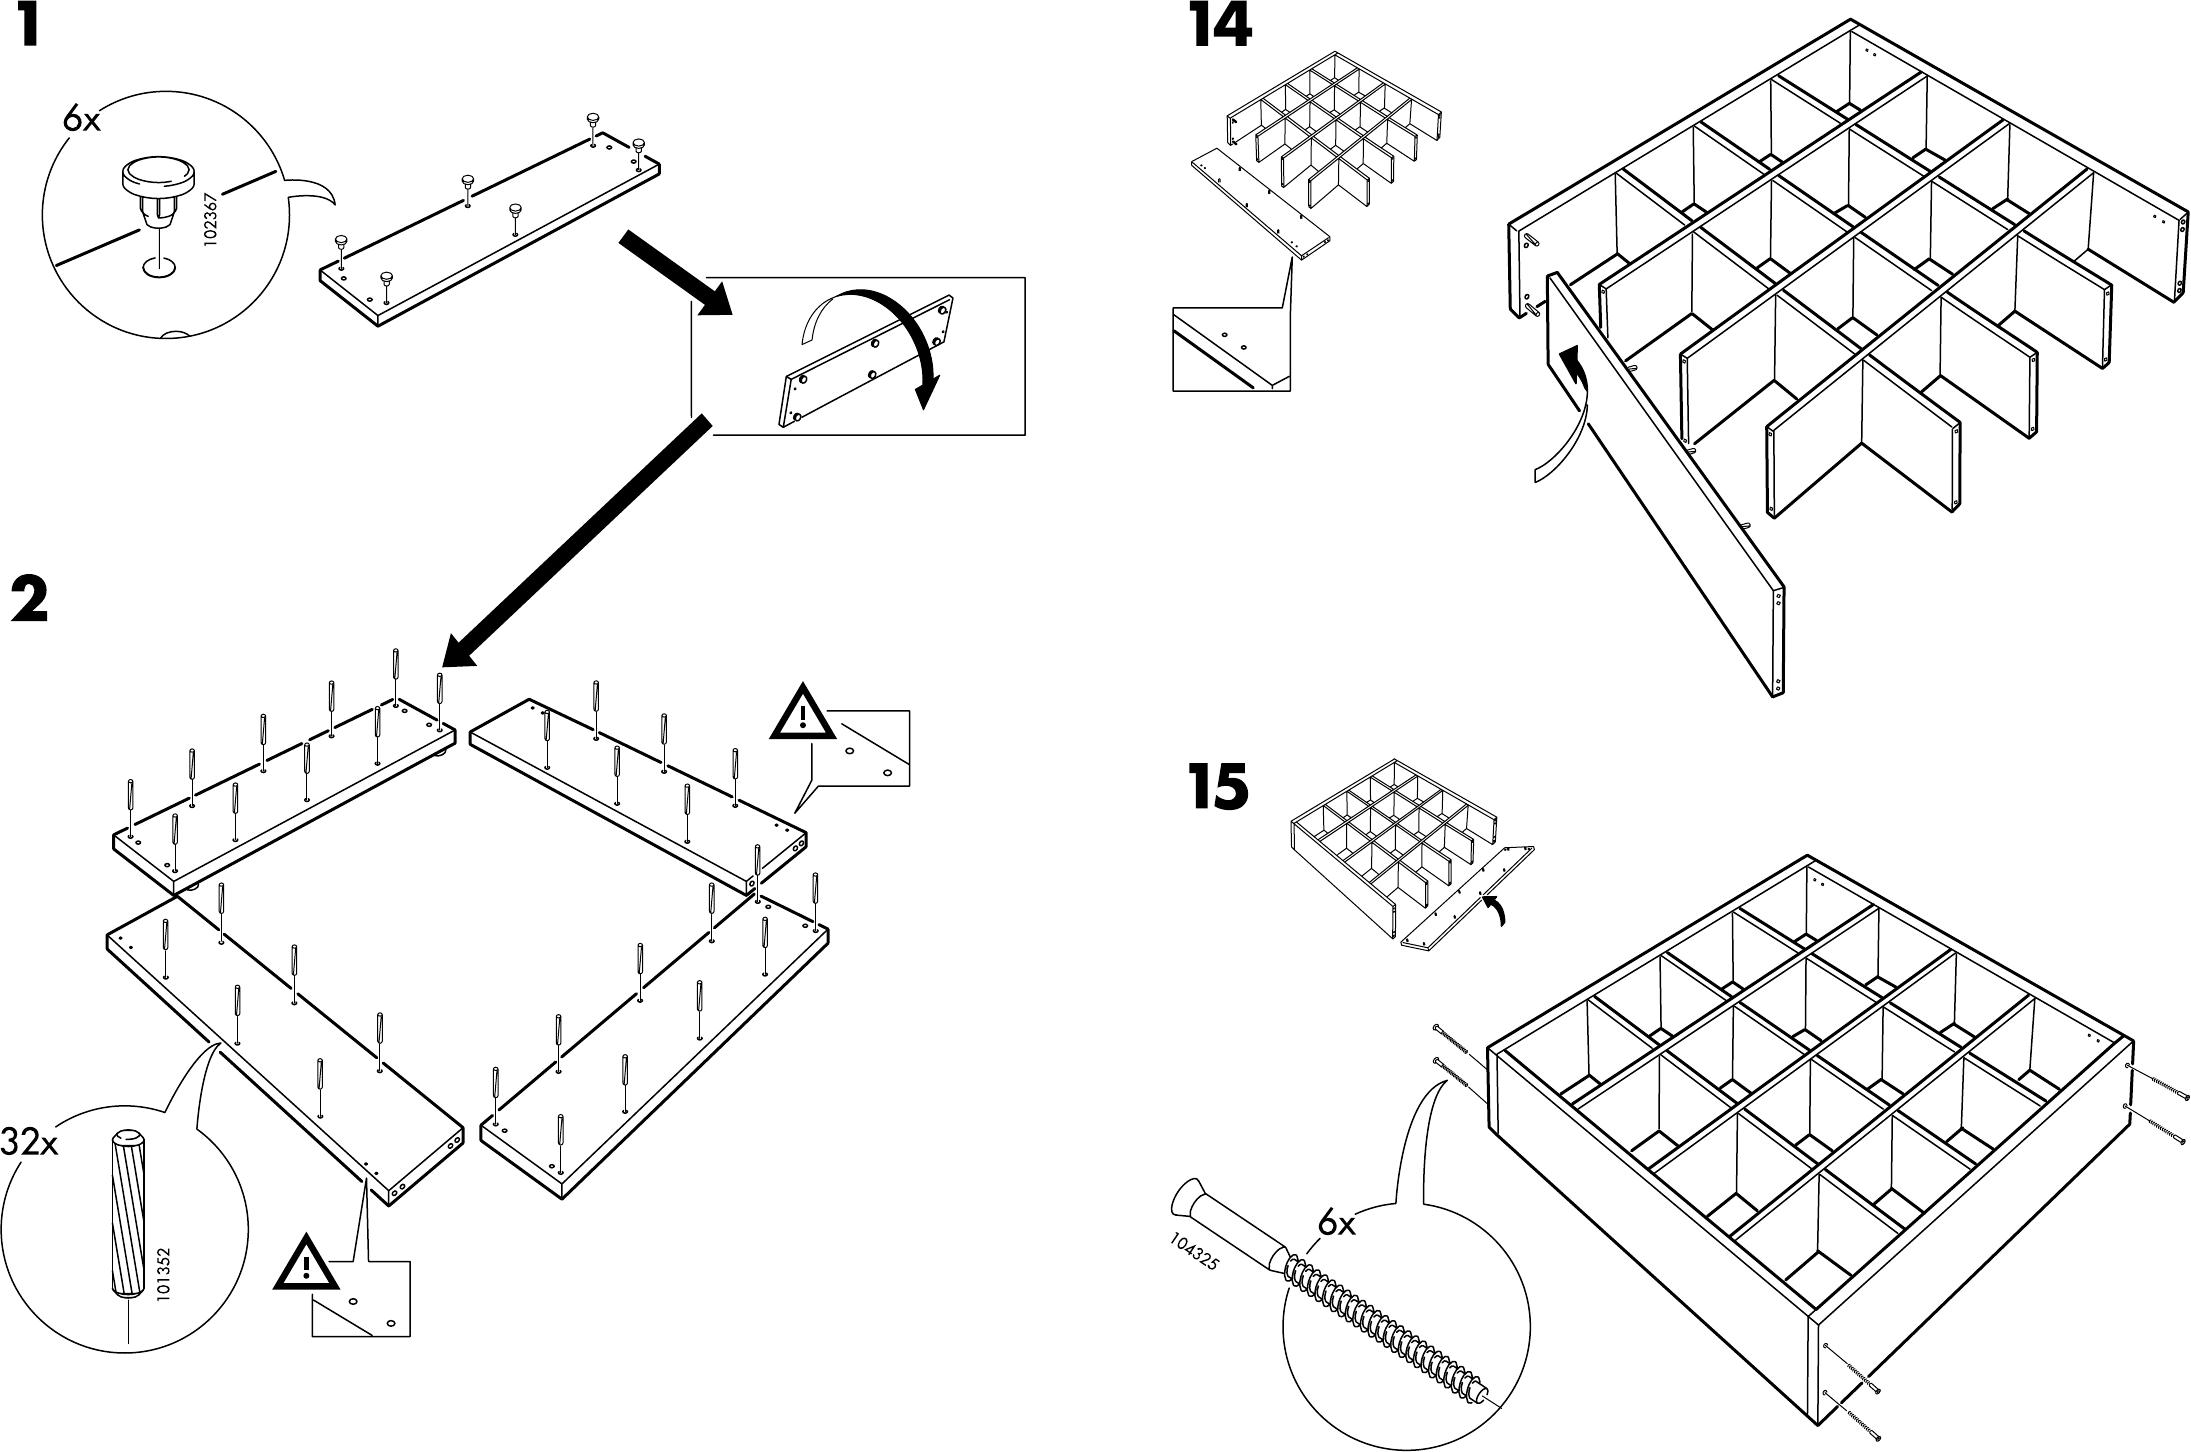 Handleiding Expedit Boekenkast.Handleiding Ikea Expedit Pagina 6 Van 6 Dansk Deutsch English